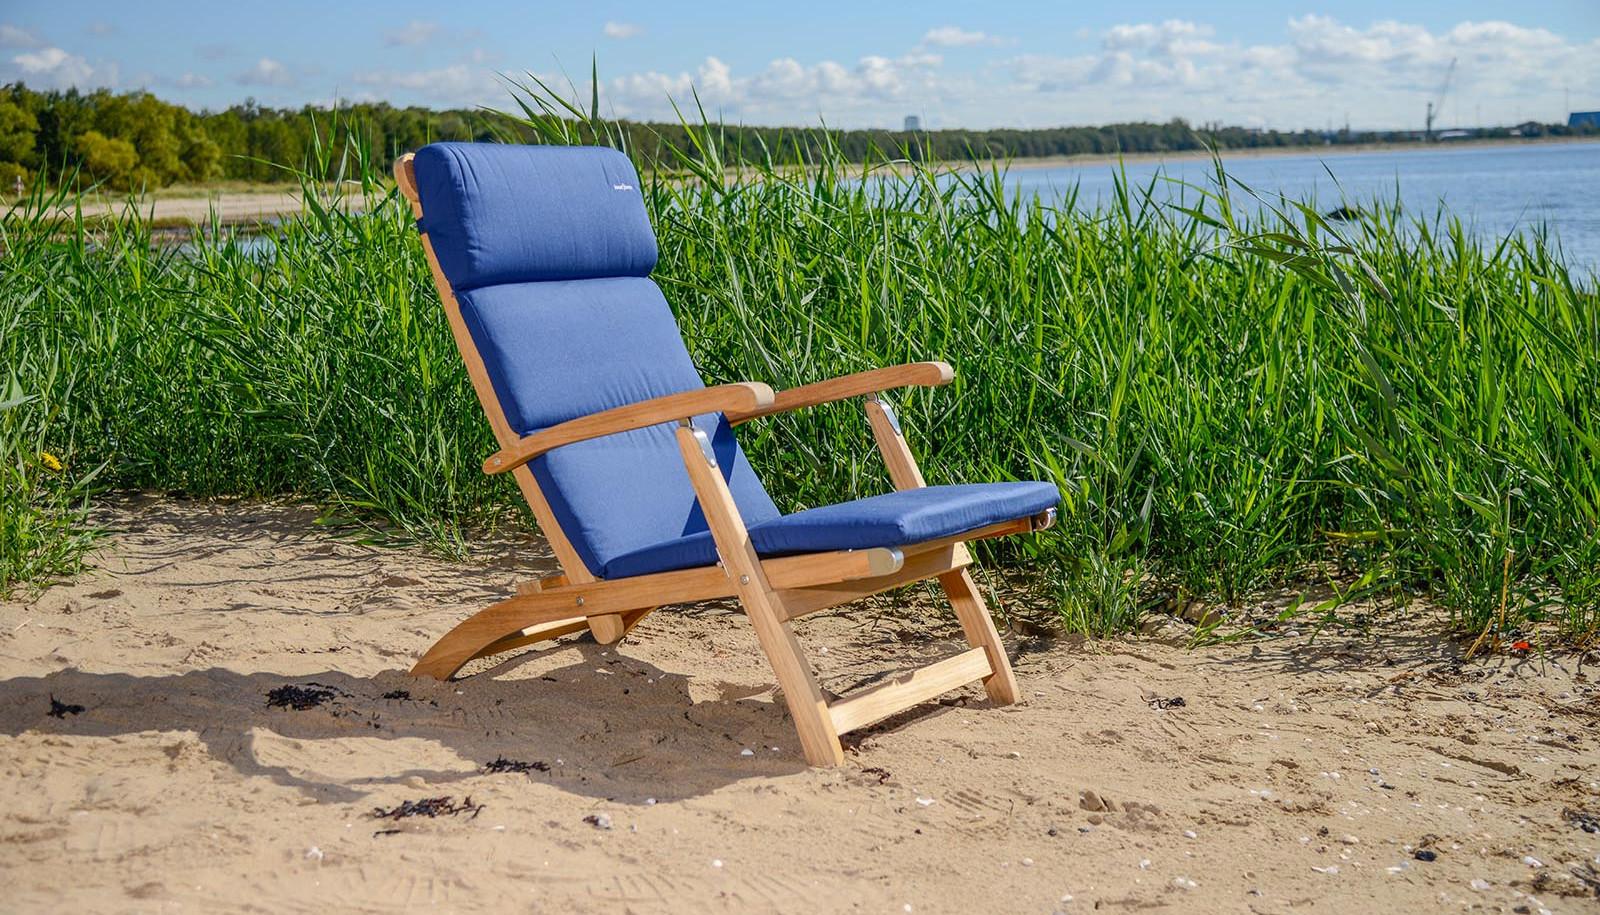 inout form Deckchair Blå dyna 2